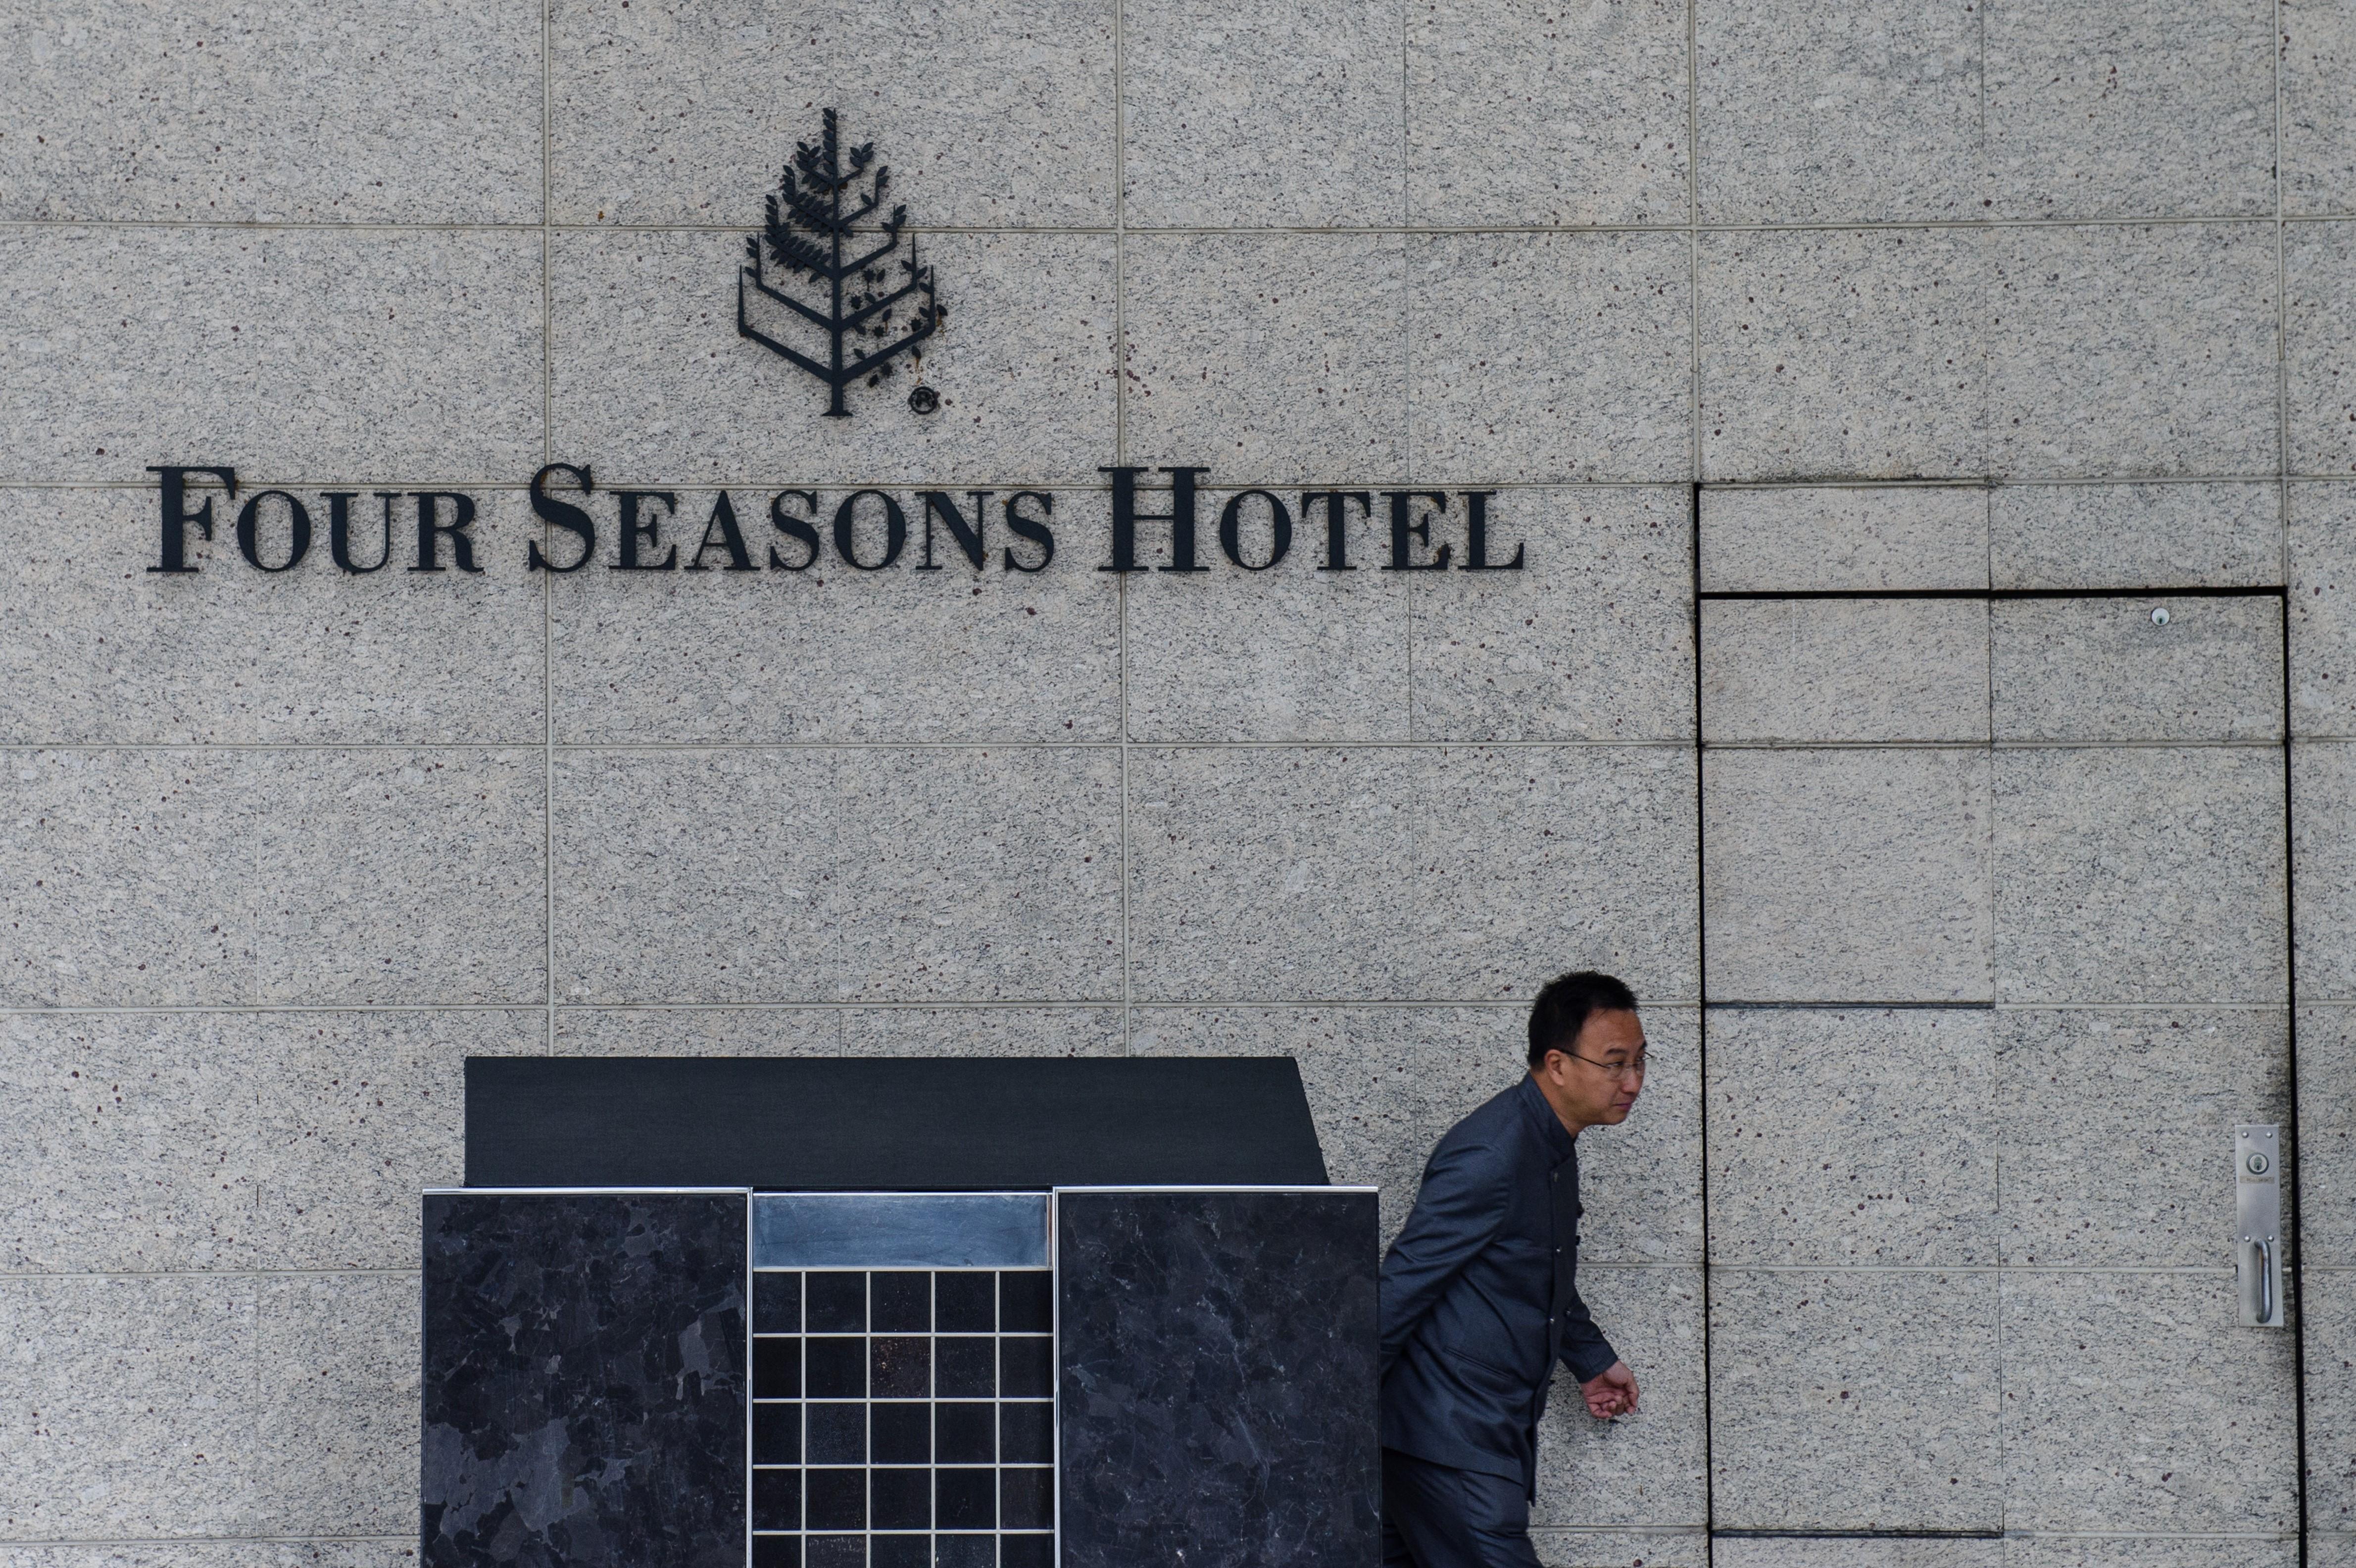 Az egyik leggazdagabb kínai rejtélyes módon eltűnt a hongkongi Four Seasonsből